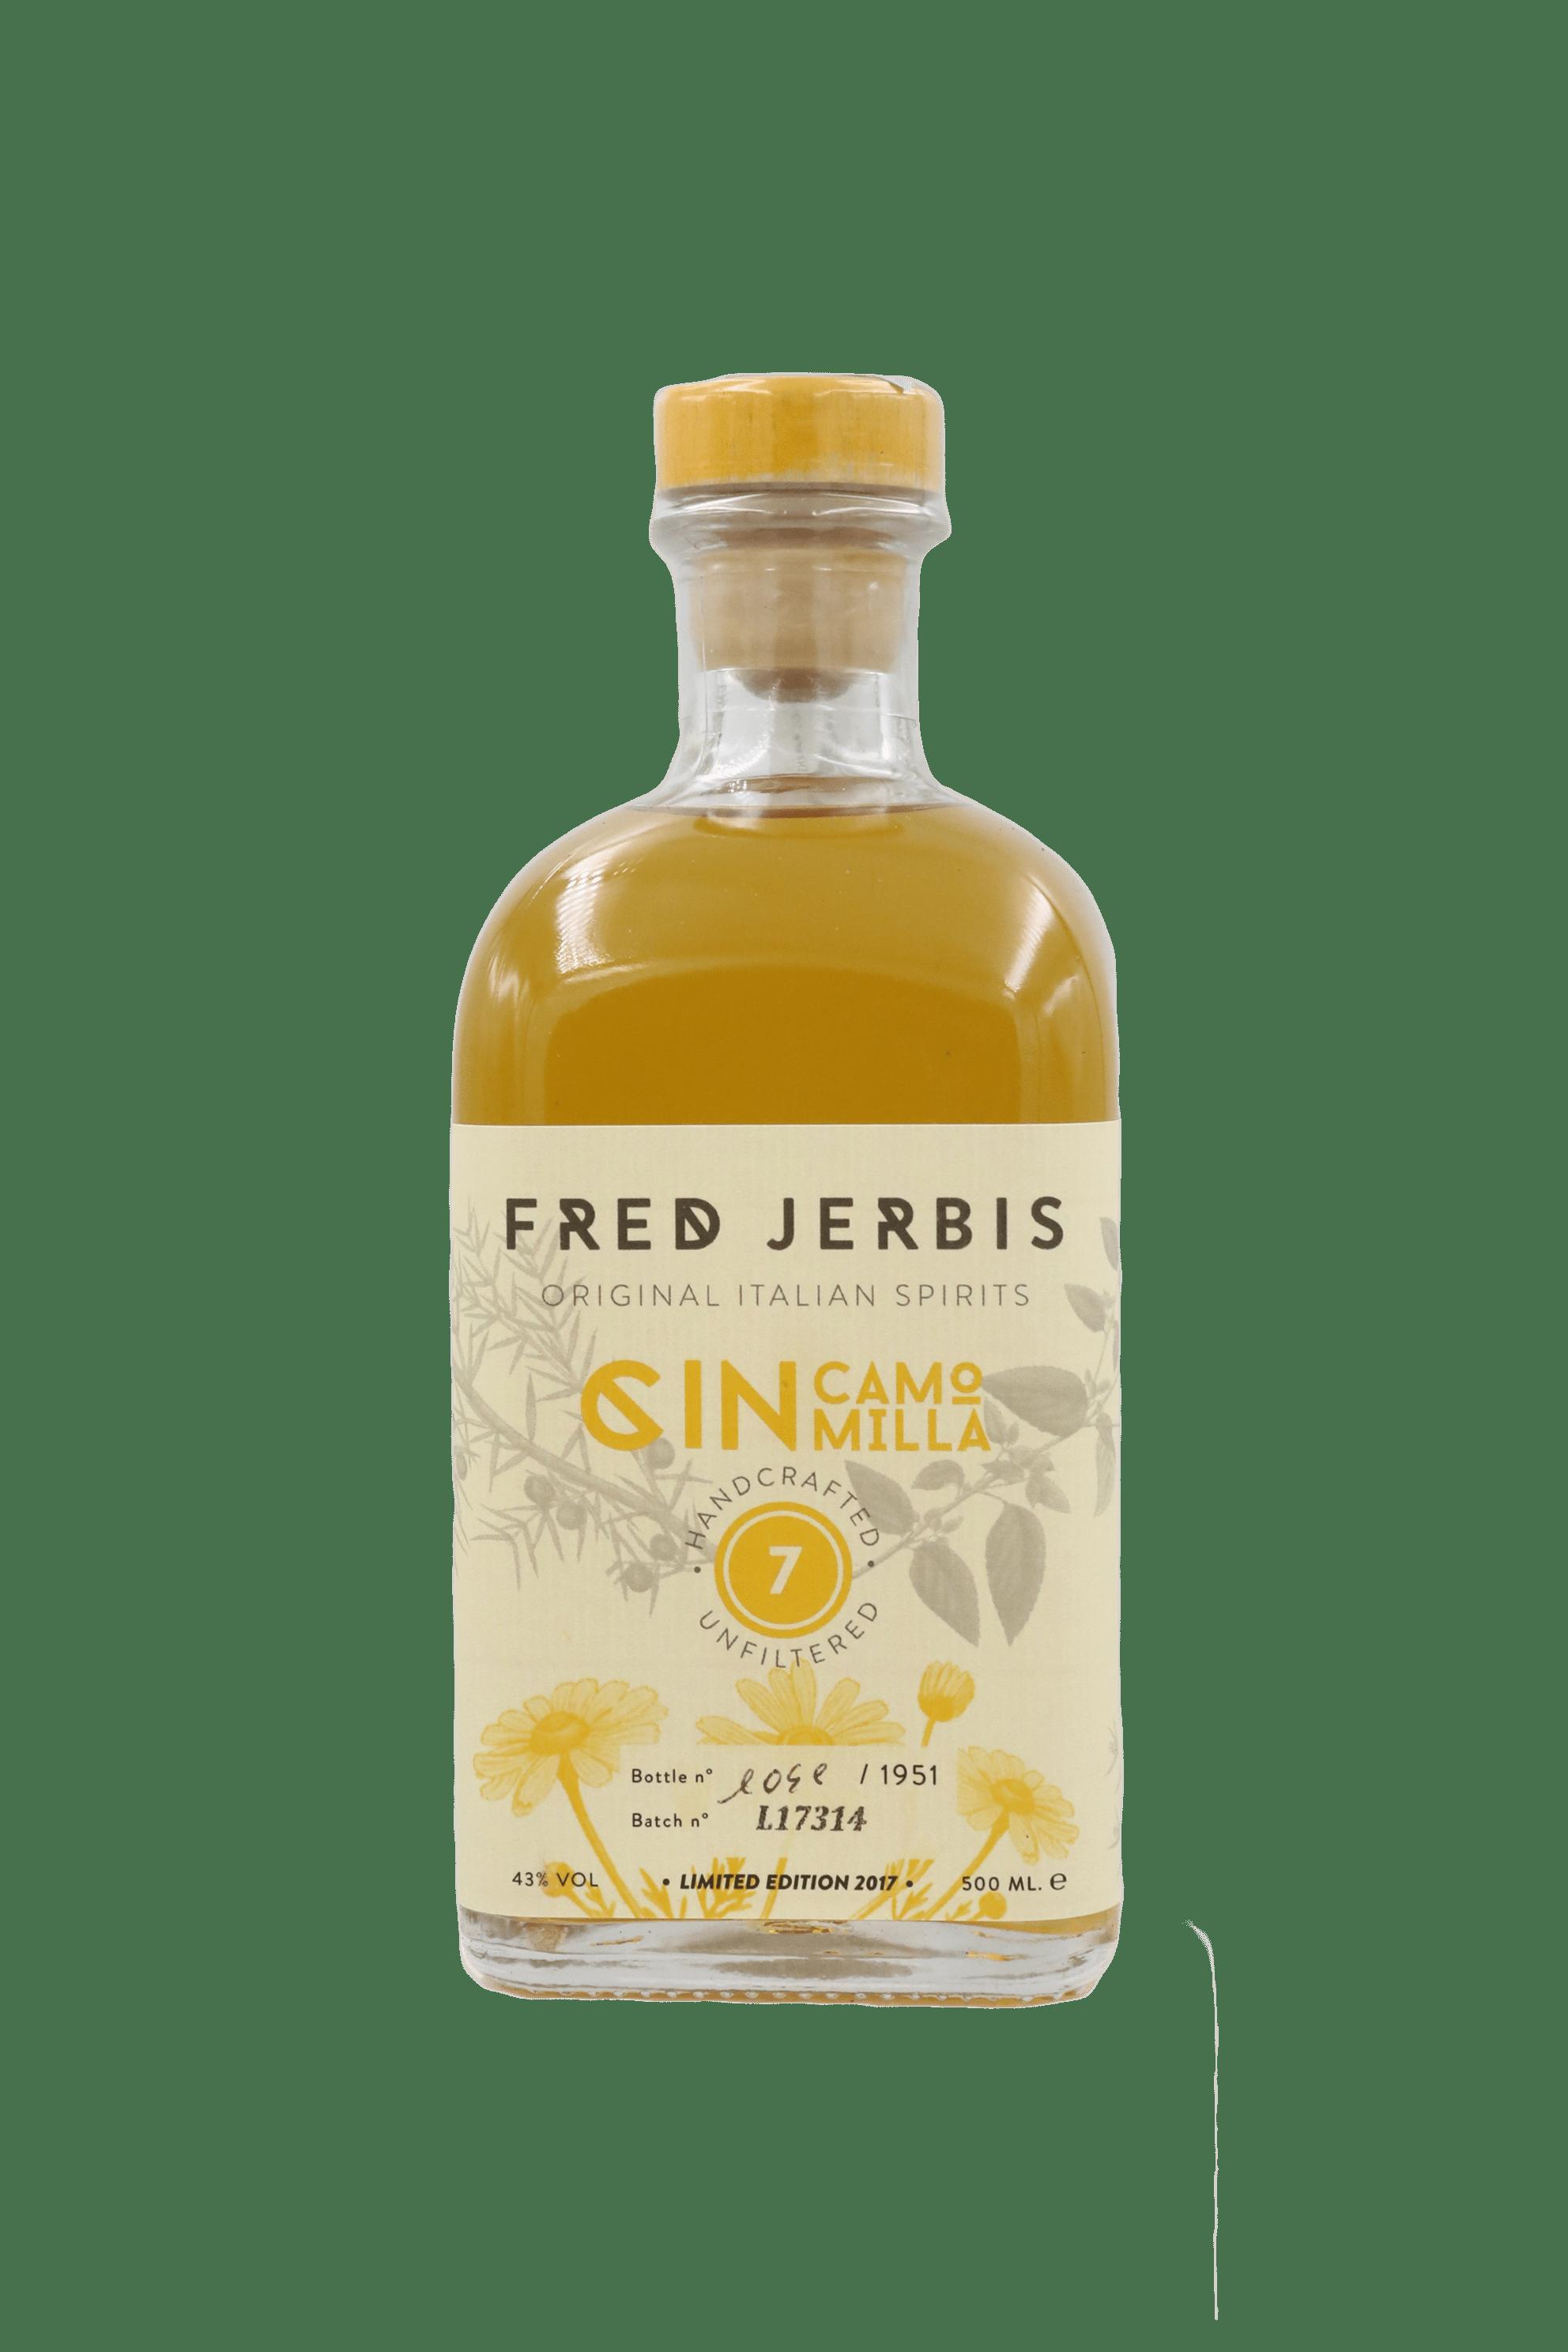 Fred Jerbis Gin 7 – Camomilla